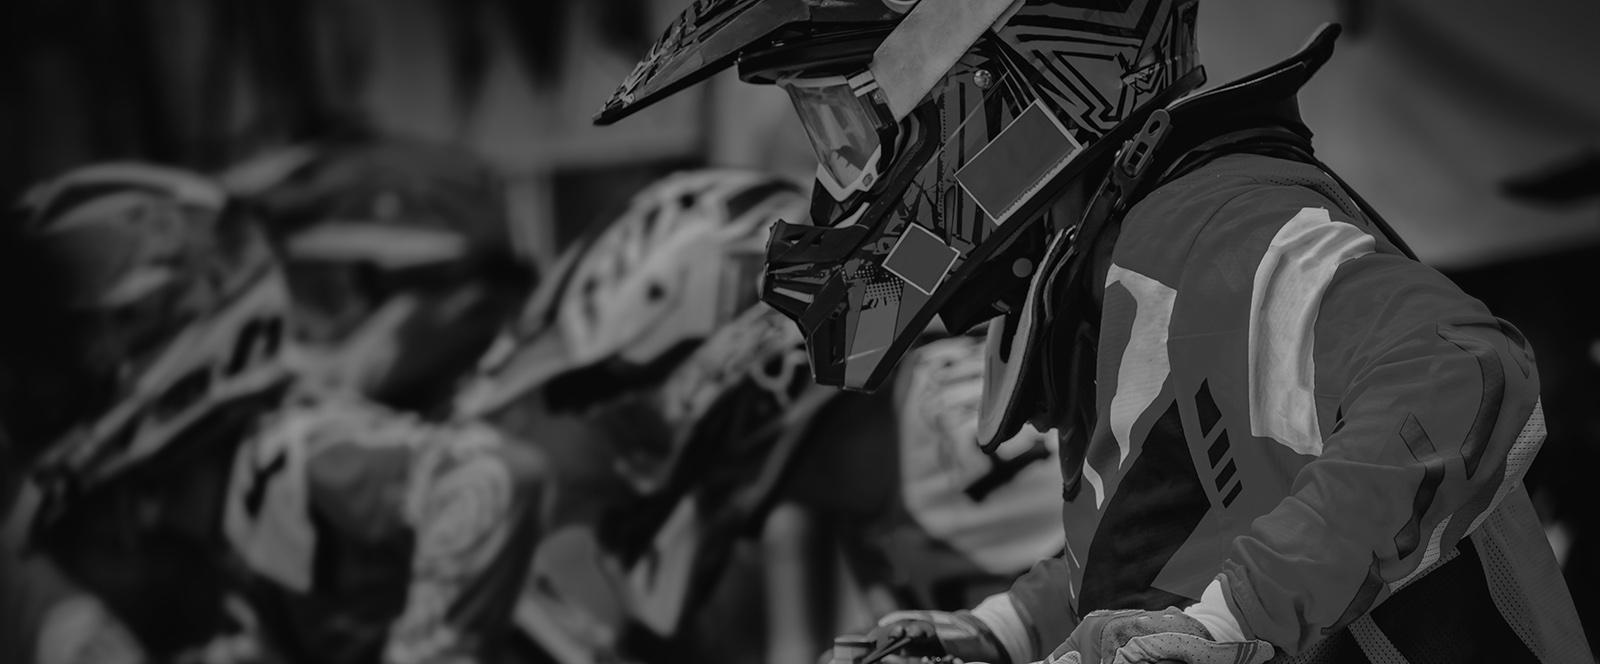 Motocross 24/7